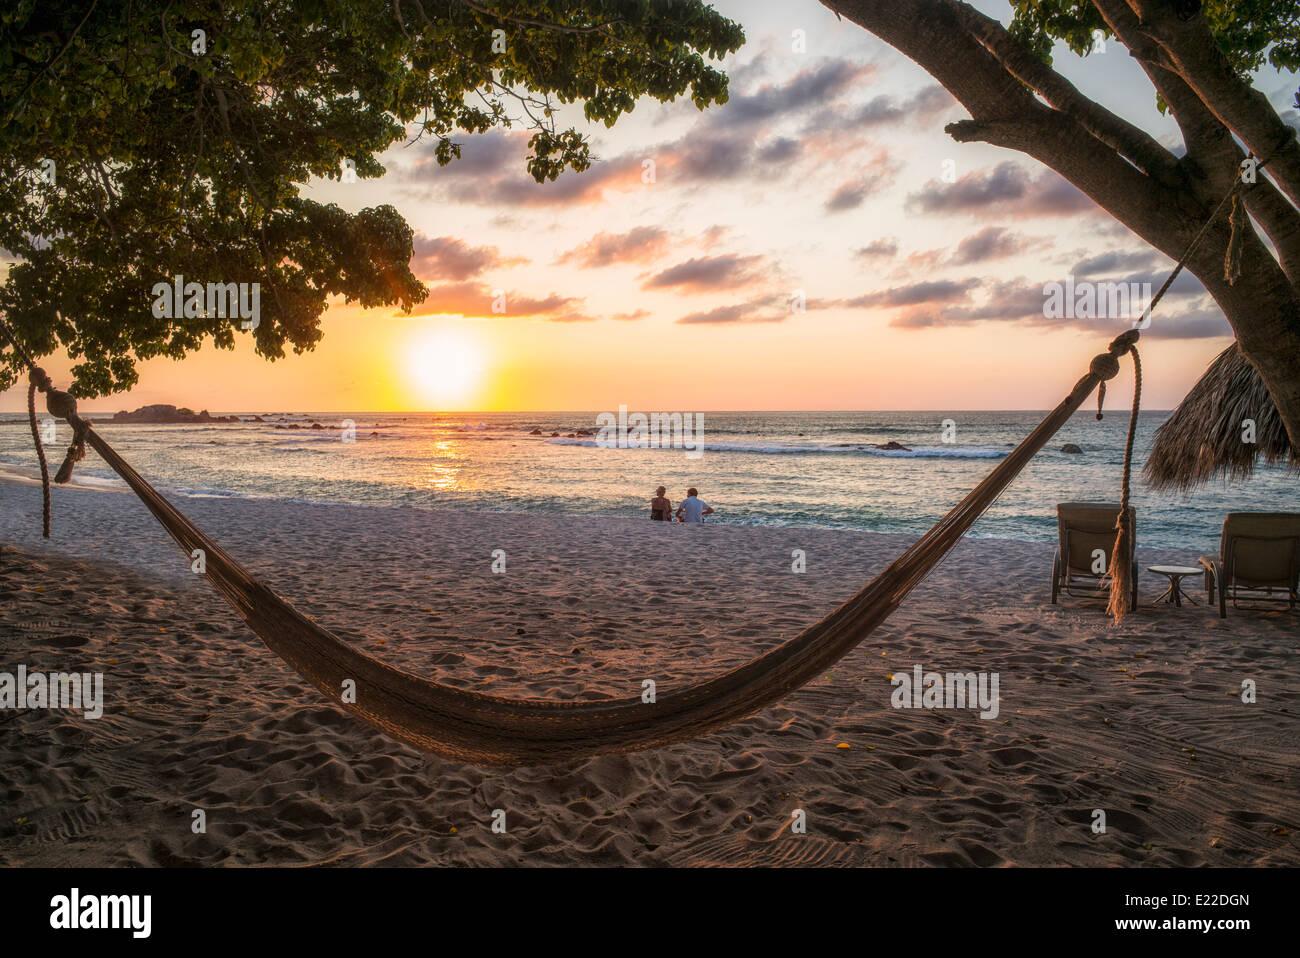 Sonnenuntergang am Strand mit Hängematte in Punta Mita, Mexiko. Stockbild